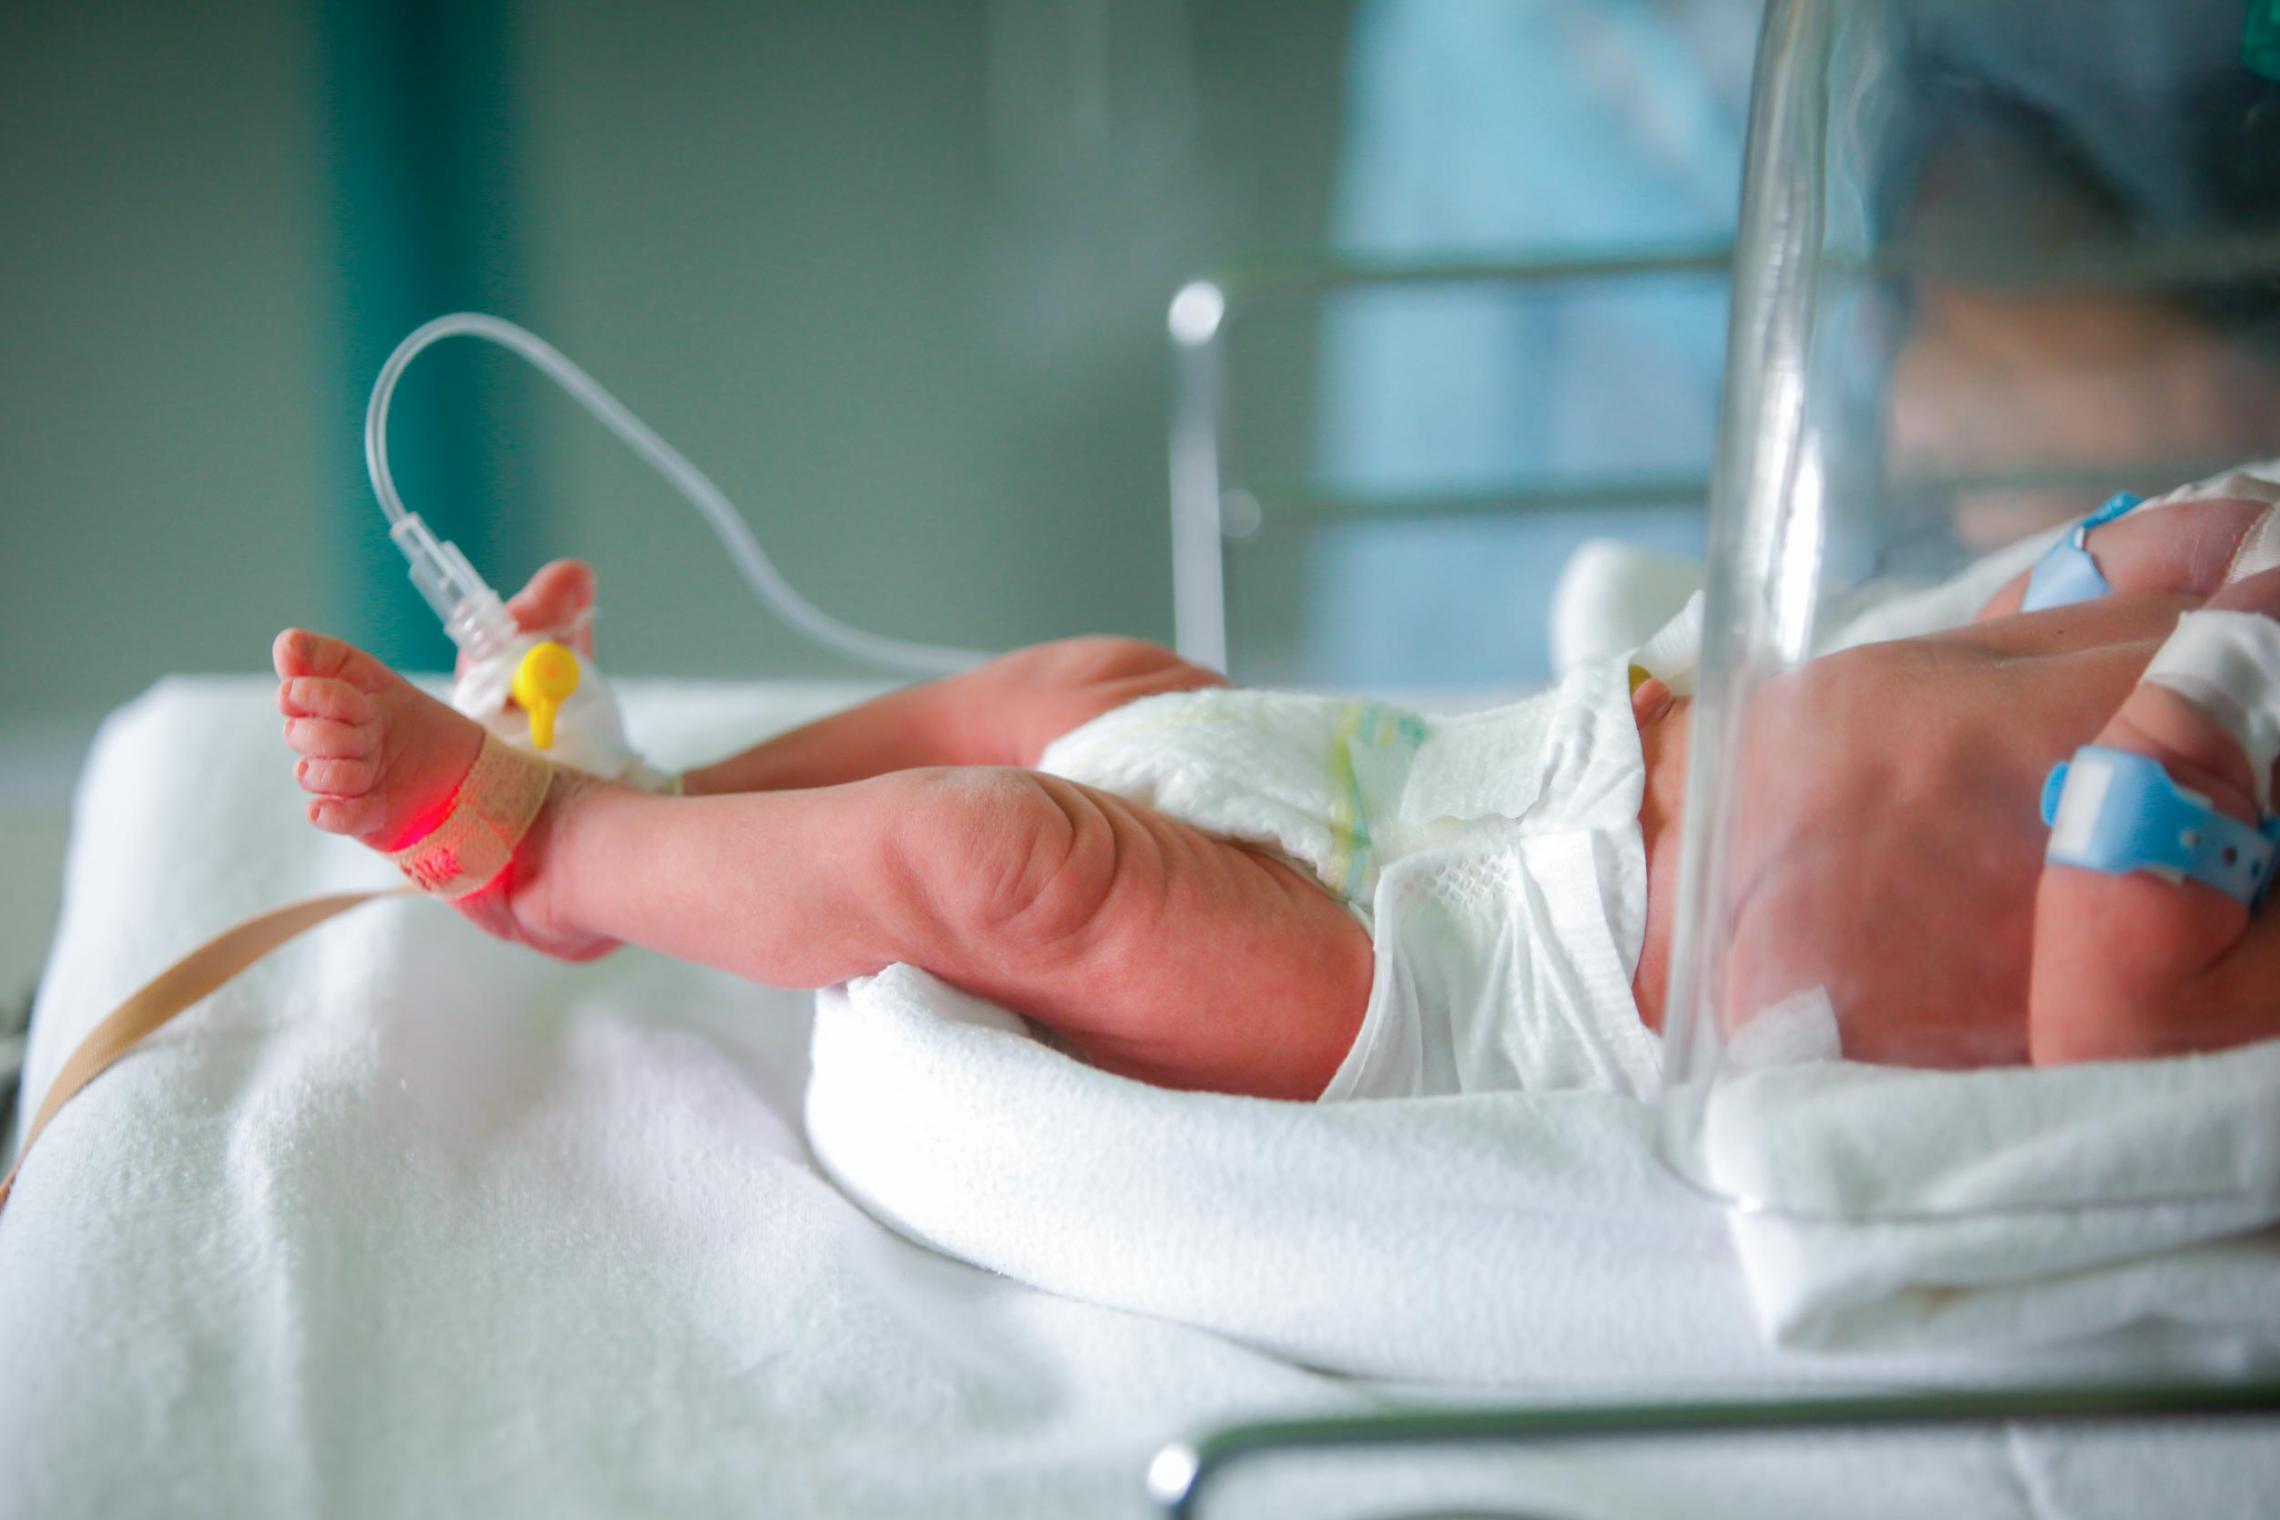 Administrarea de antibiotice la copiii nascuti prematur poate avea efecte daunatoare pe termen lung